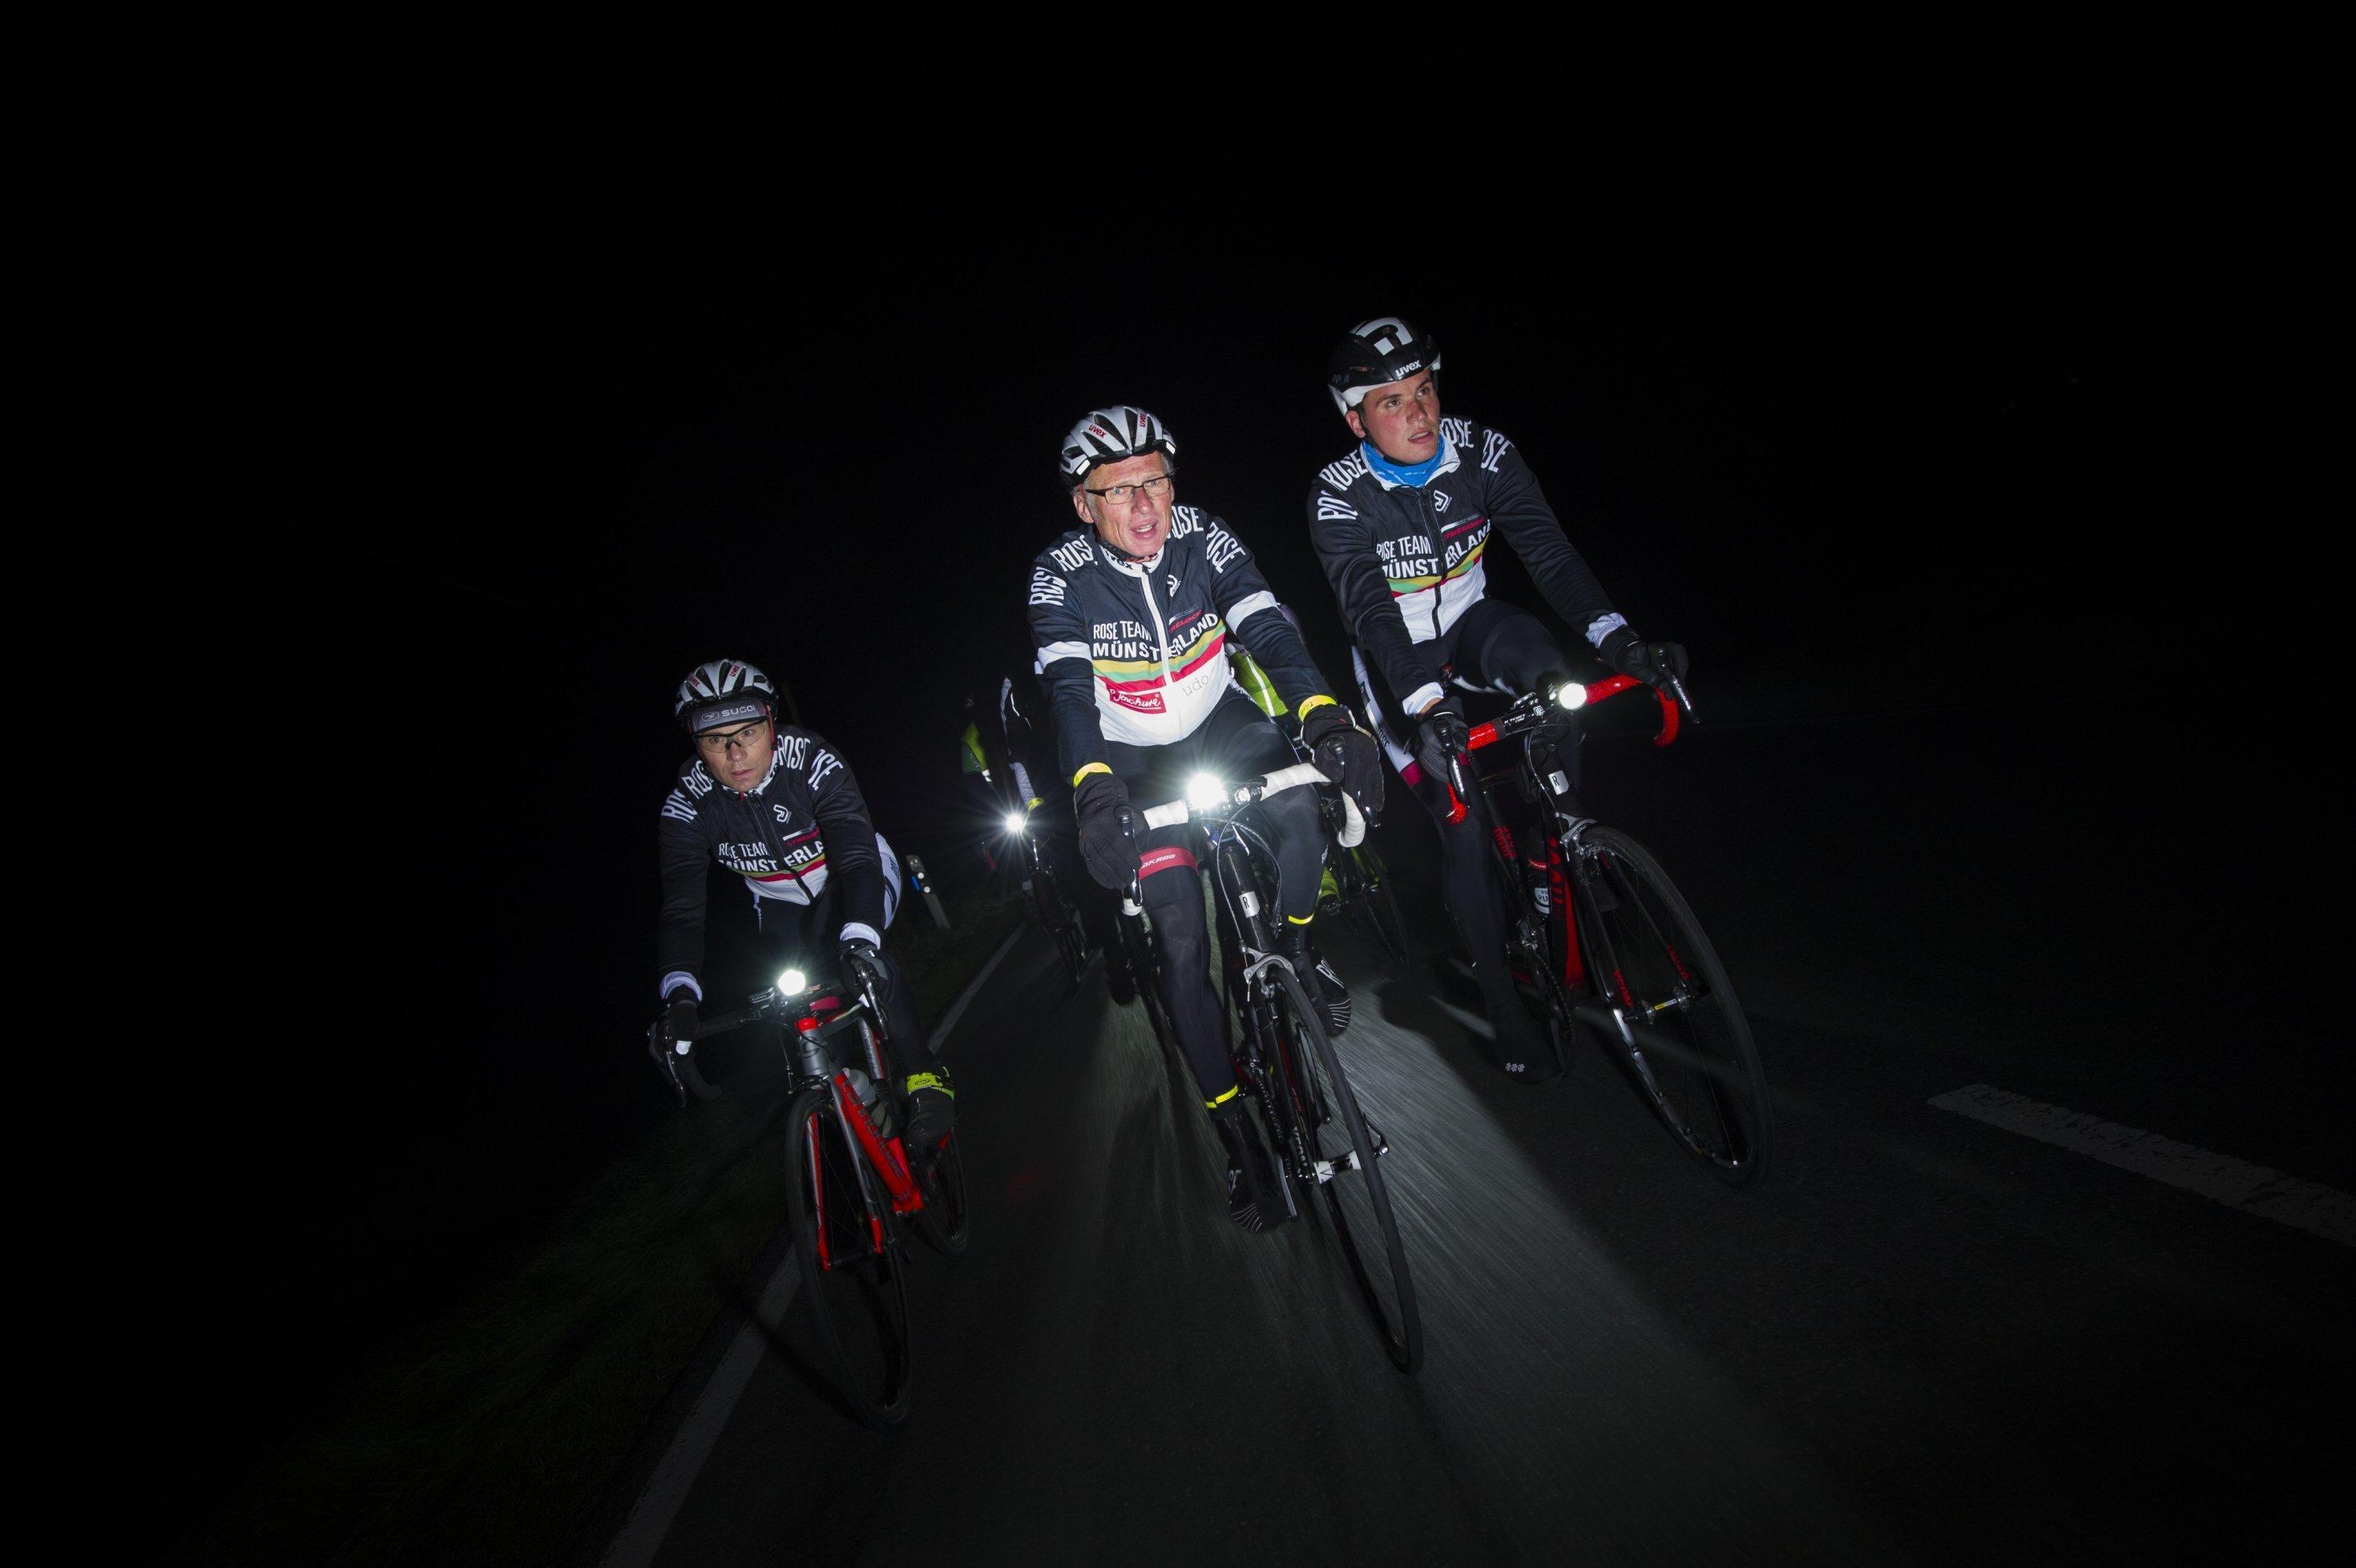 Drei Radfahrer in frontaler Ansicht.